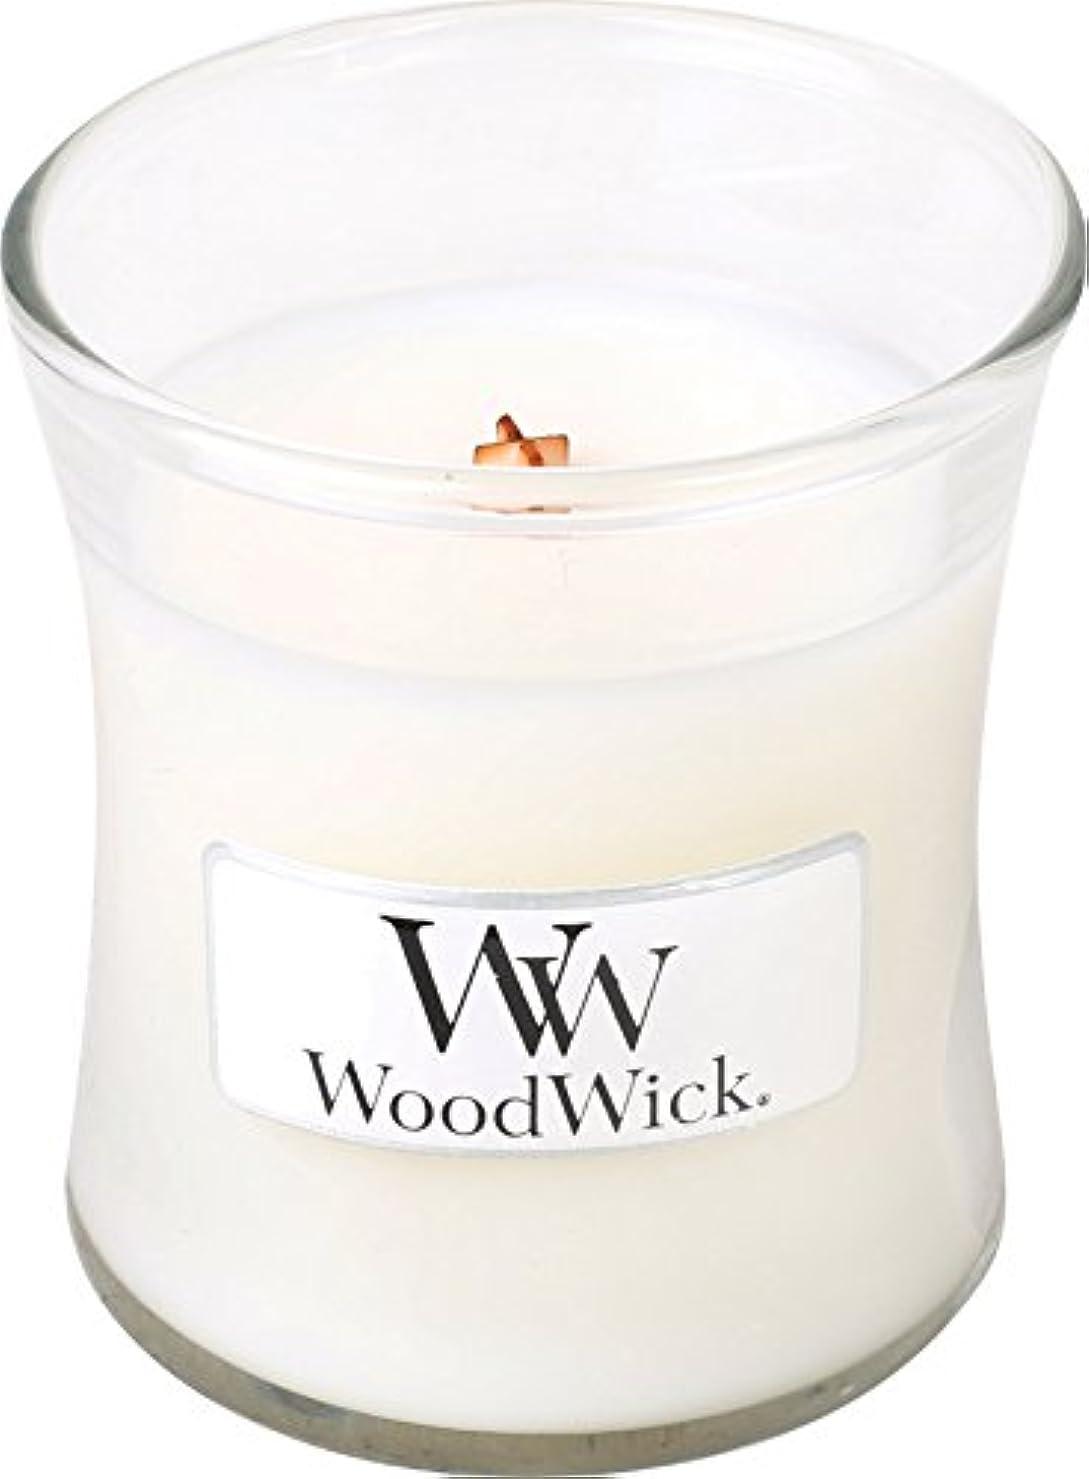 忠実なする襟Wood Wick ウッドウィック ジャーキャンドルSサイズ ホワイトティージャスミン